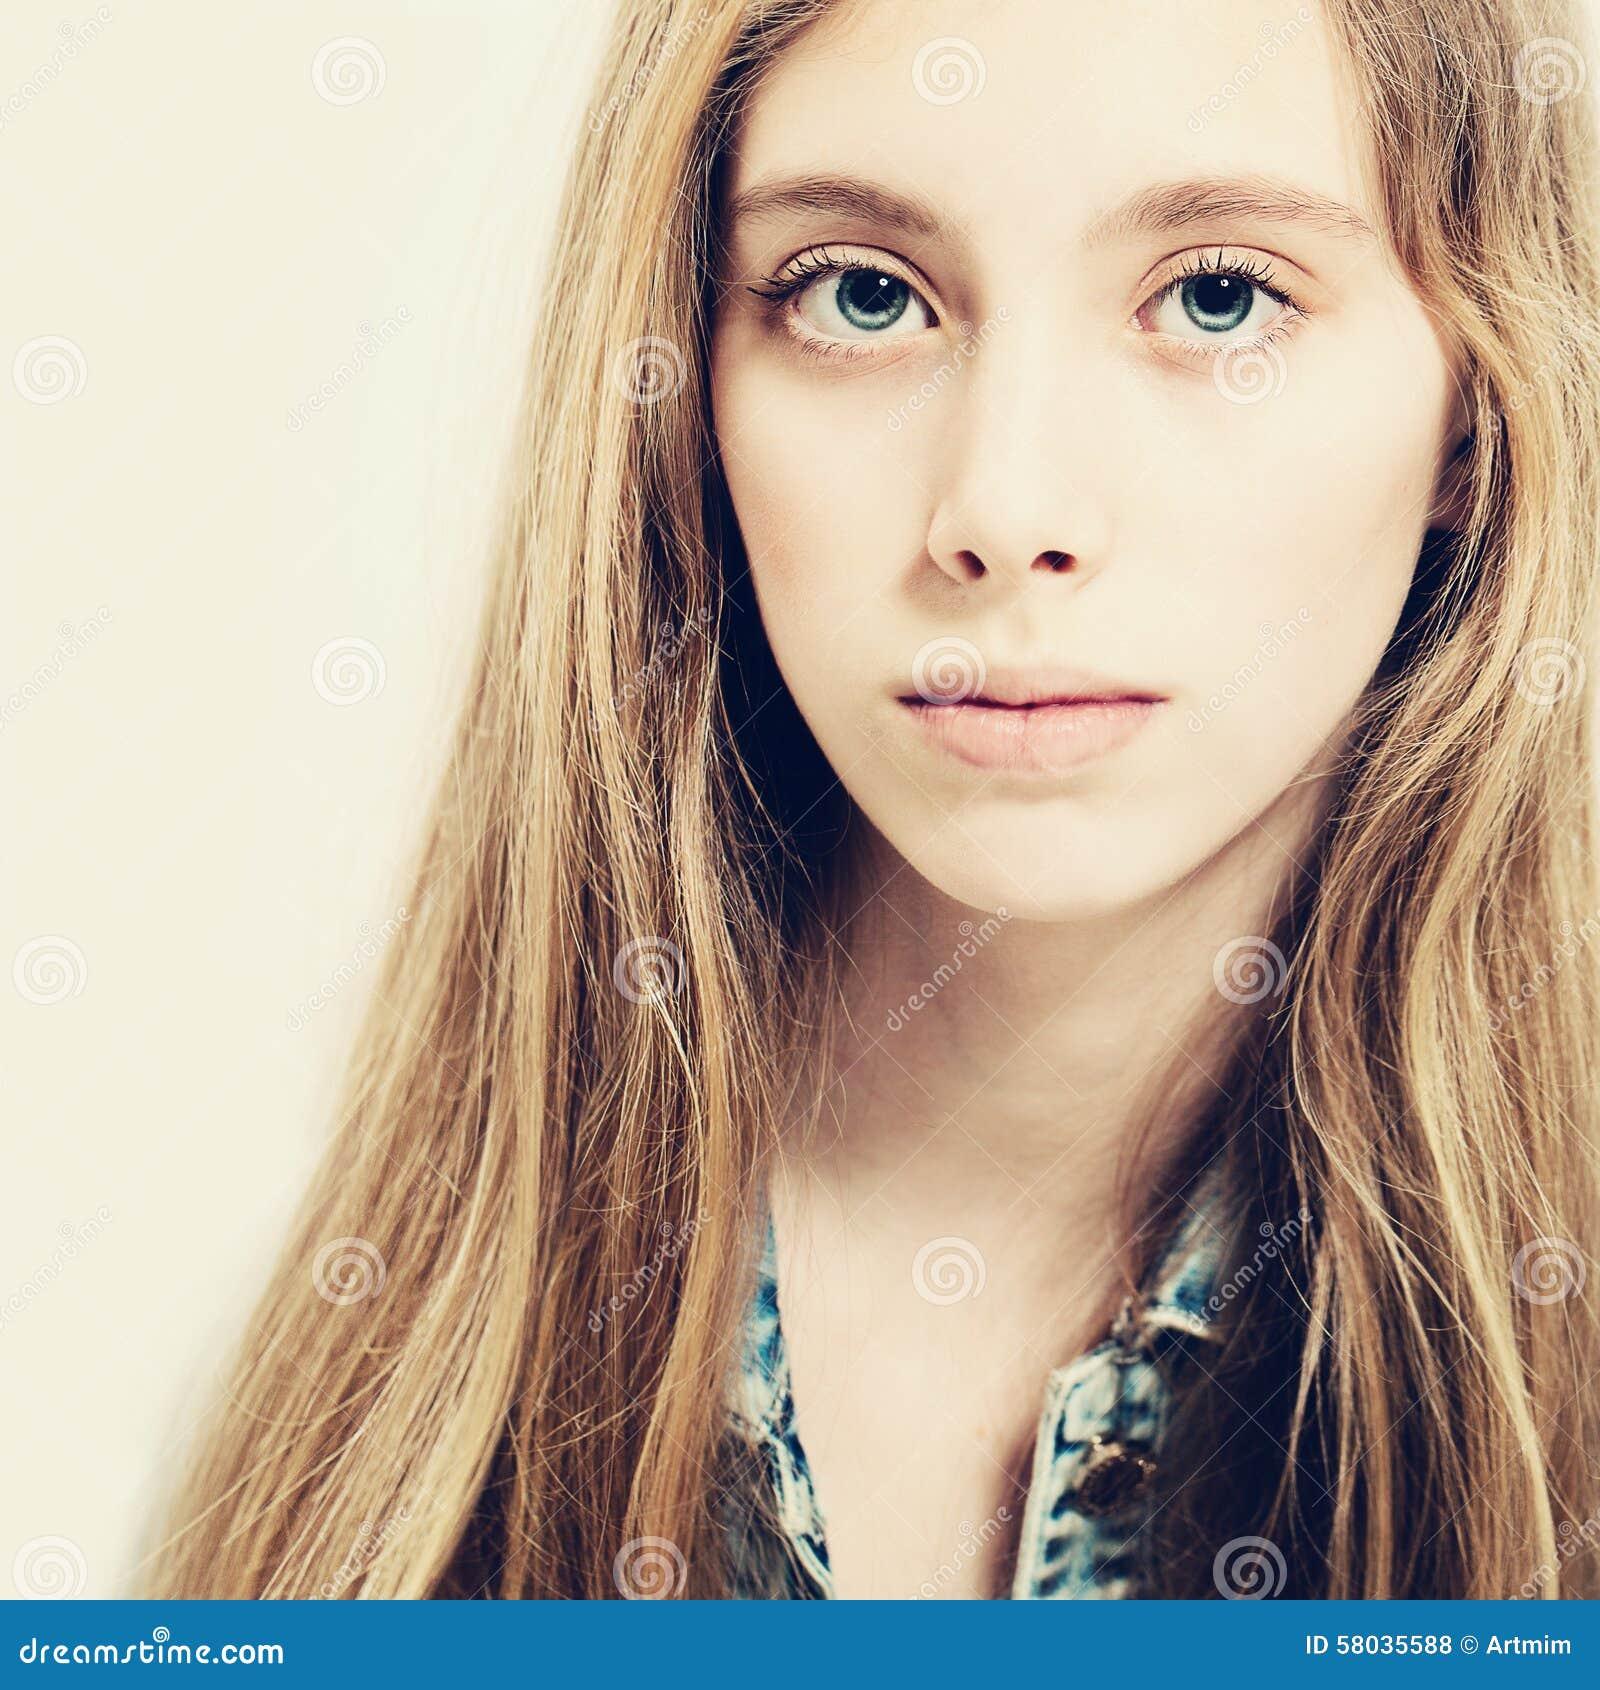 Jonge schoonheid leuk meisje de mannequin van de tiener stock foto afbeelding 58035588 - Ruimtekleur tiener meisje ...